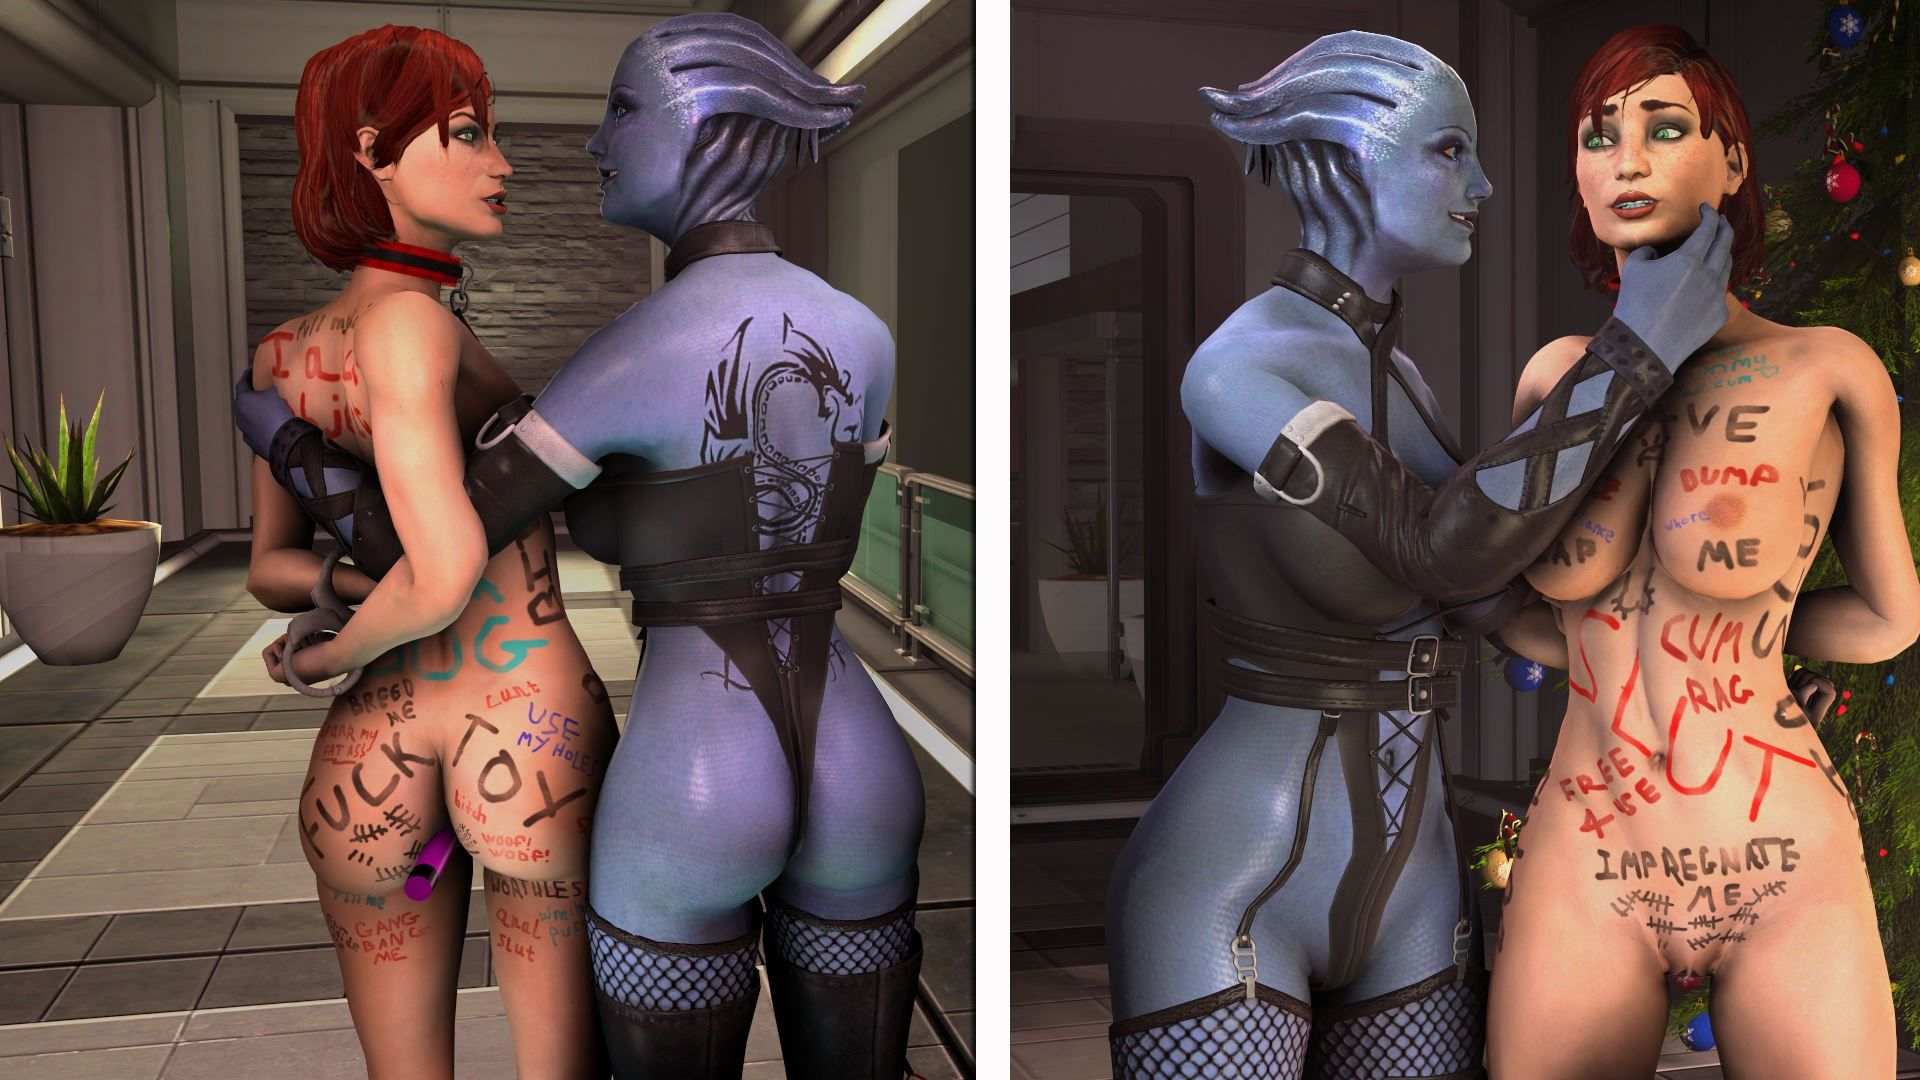 Liara_X-Mass_Gifts!_Ladychi_(Mass_Effect) comix_57839.jpg